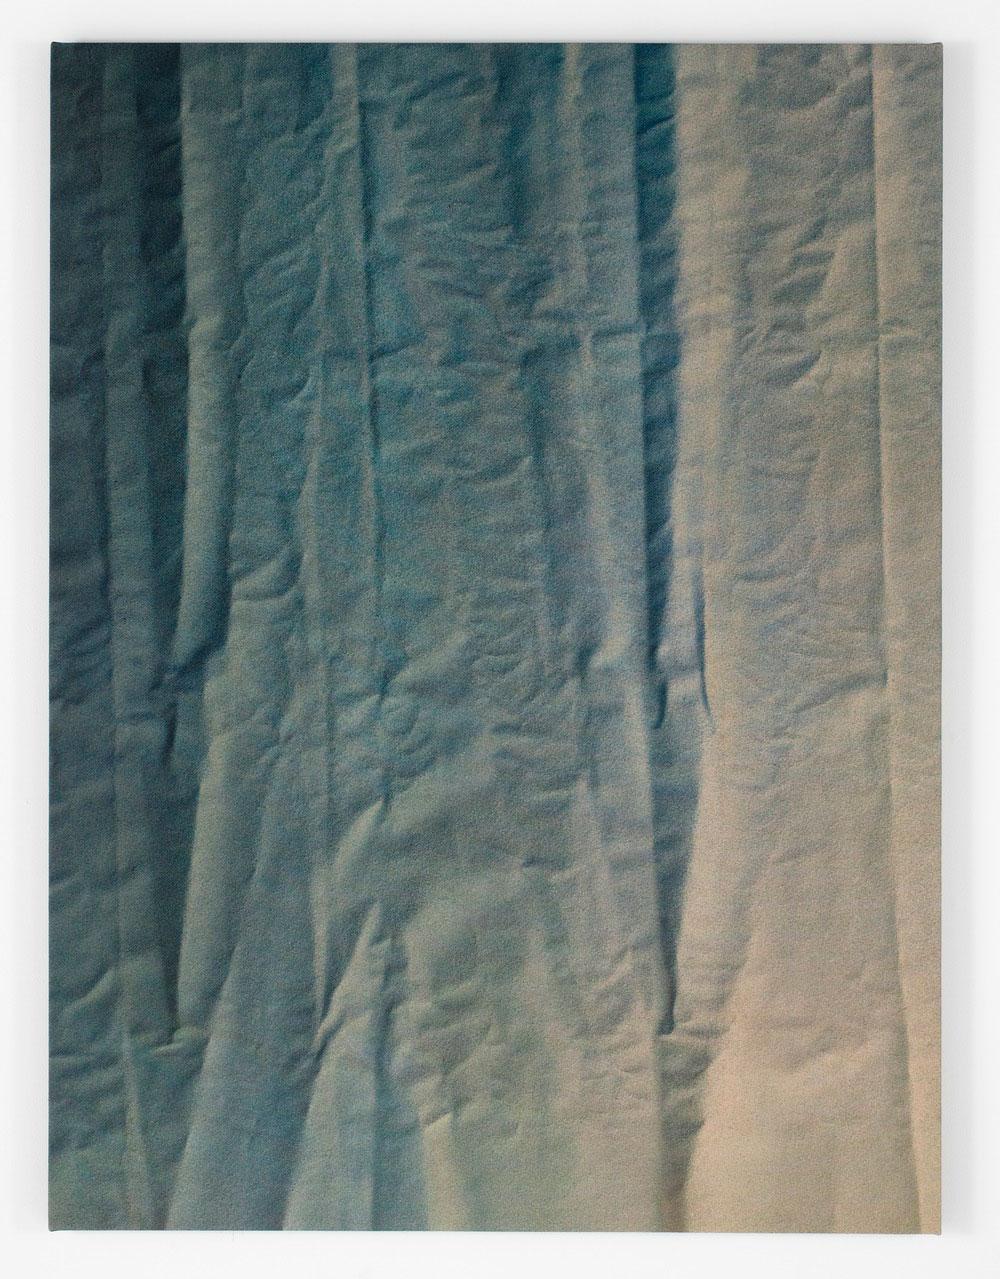 0237 Untitled (Fold) Tauba Auerbach | Yellowtrace